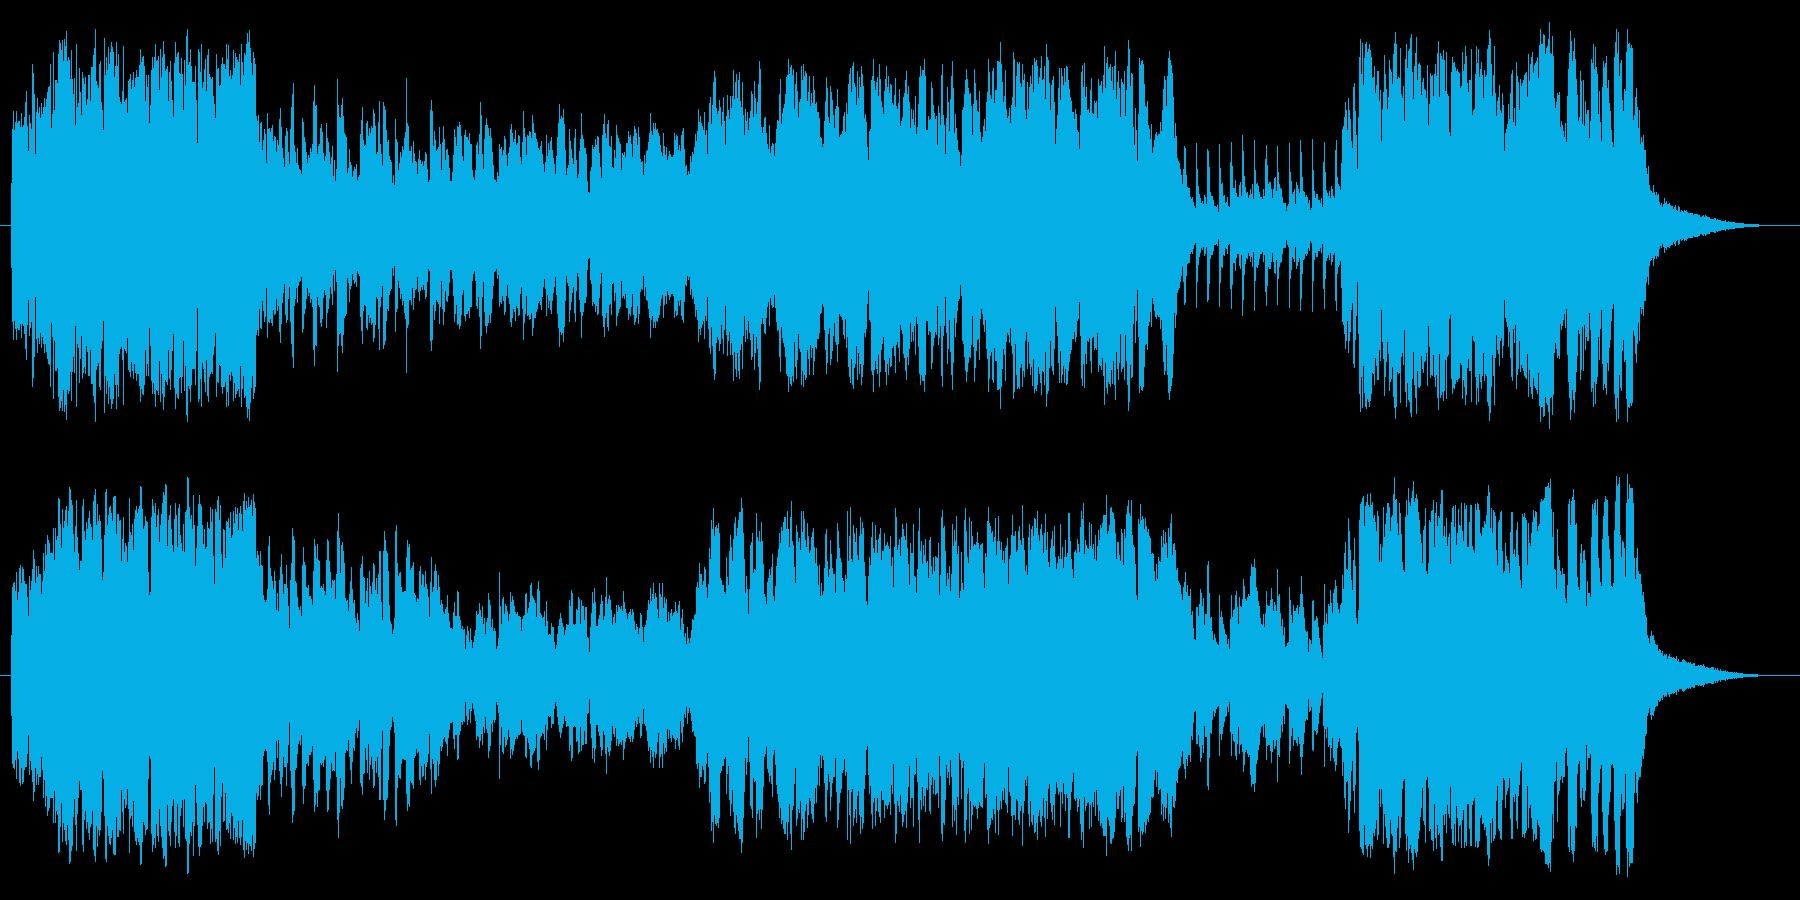 吹奏楽、マーチ、楽しいの再生済みの波形